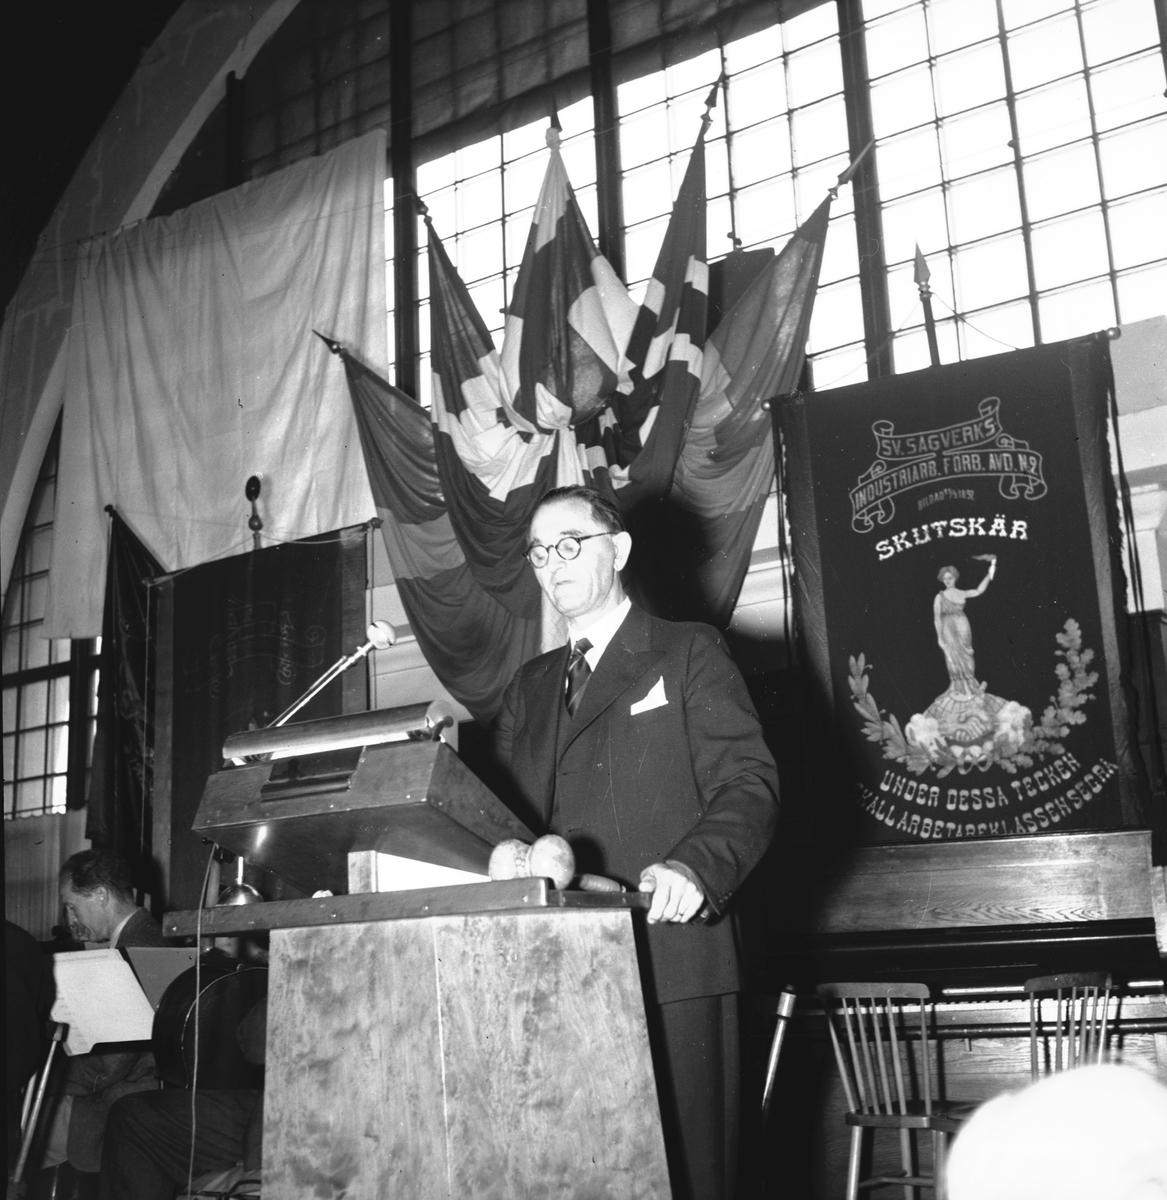 """Sågverksarbetarförbundets kongress på Södra Station. September 1944. Maxim. Skutskär, Svenska sågverksindustriarbetarförbundet avd 2. """"Under dessa tecken skall arbetarklassen segra"""""""